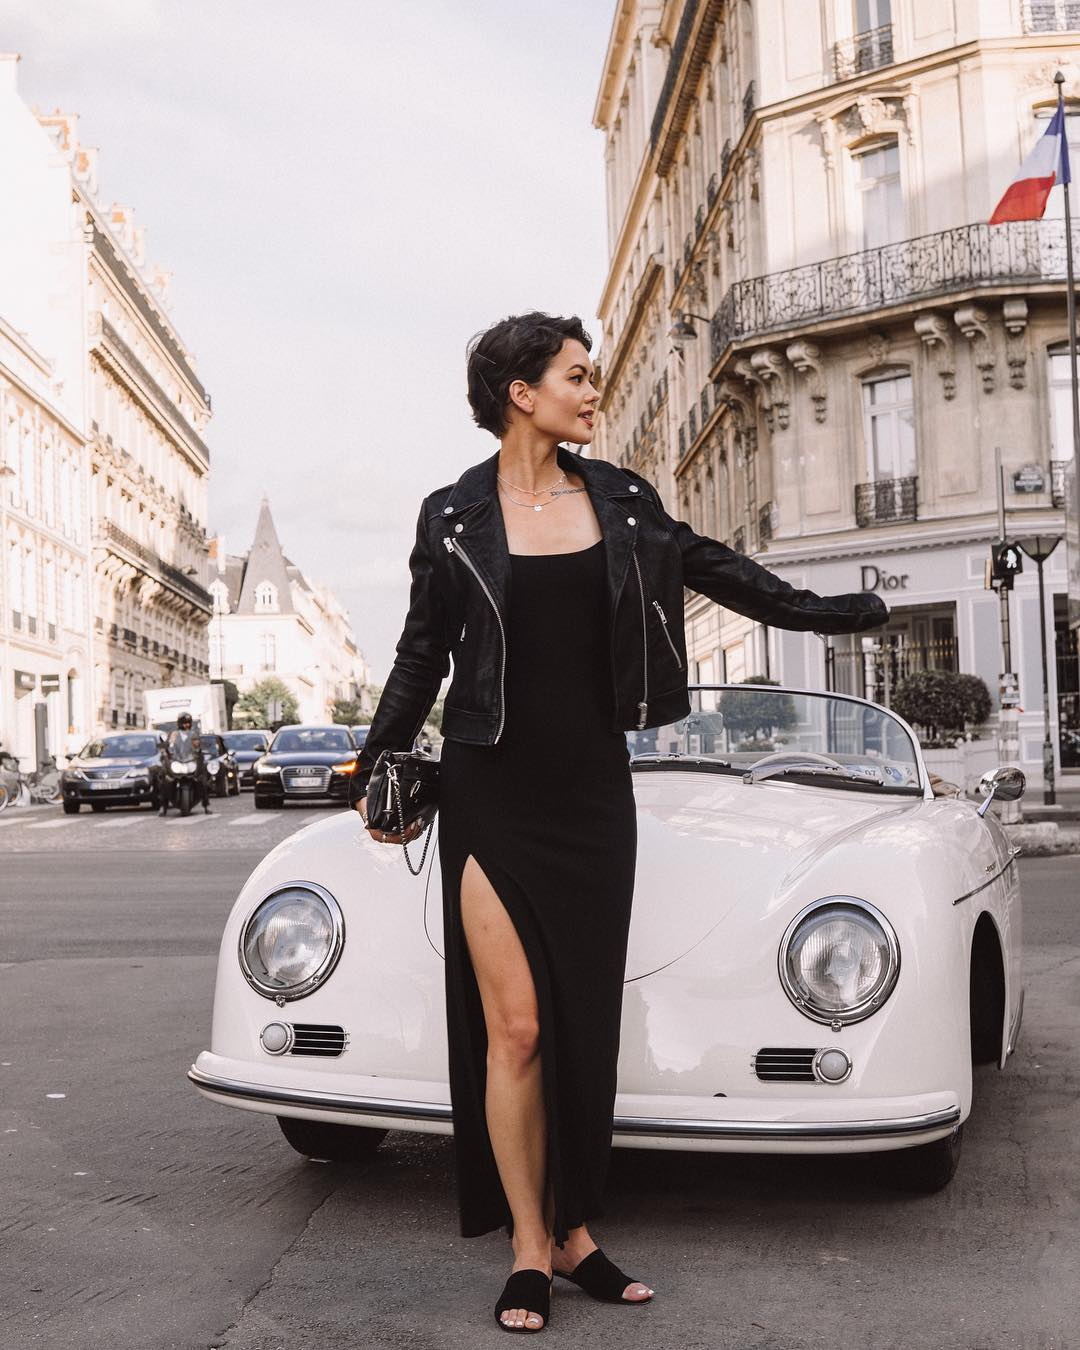 Многоликая Хлои Майлз: 8 самых эффектных образов от фэшн-блогера из Лондона